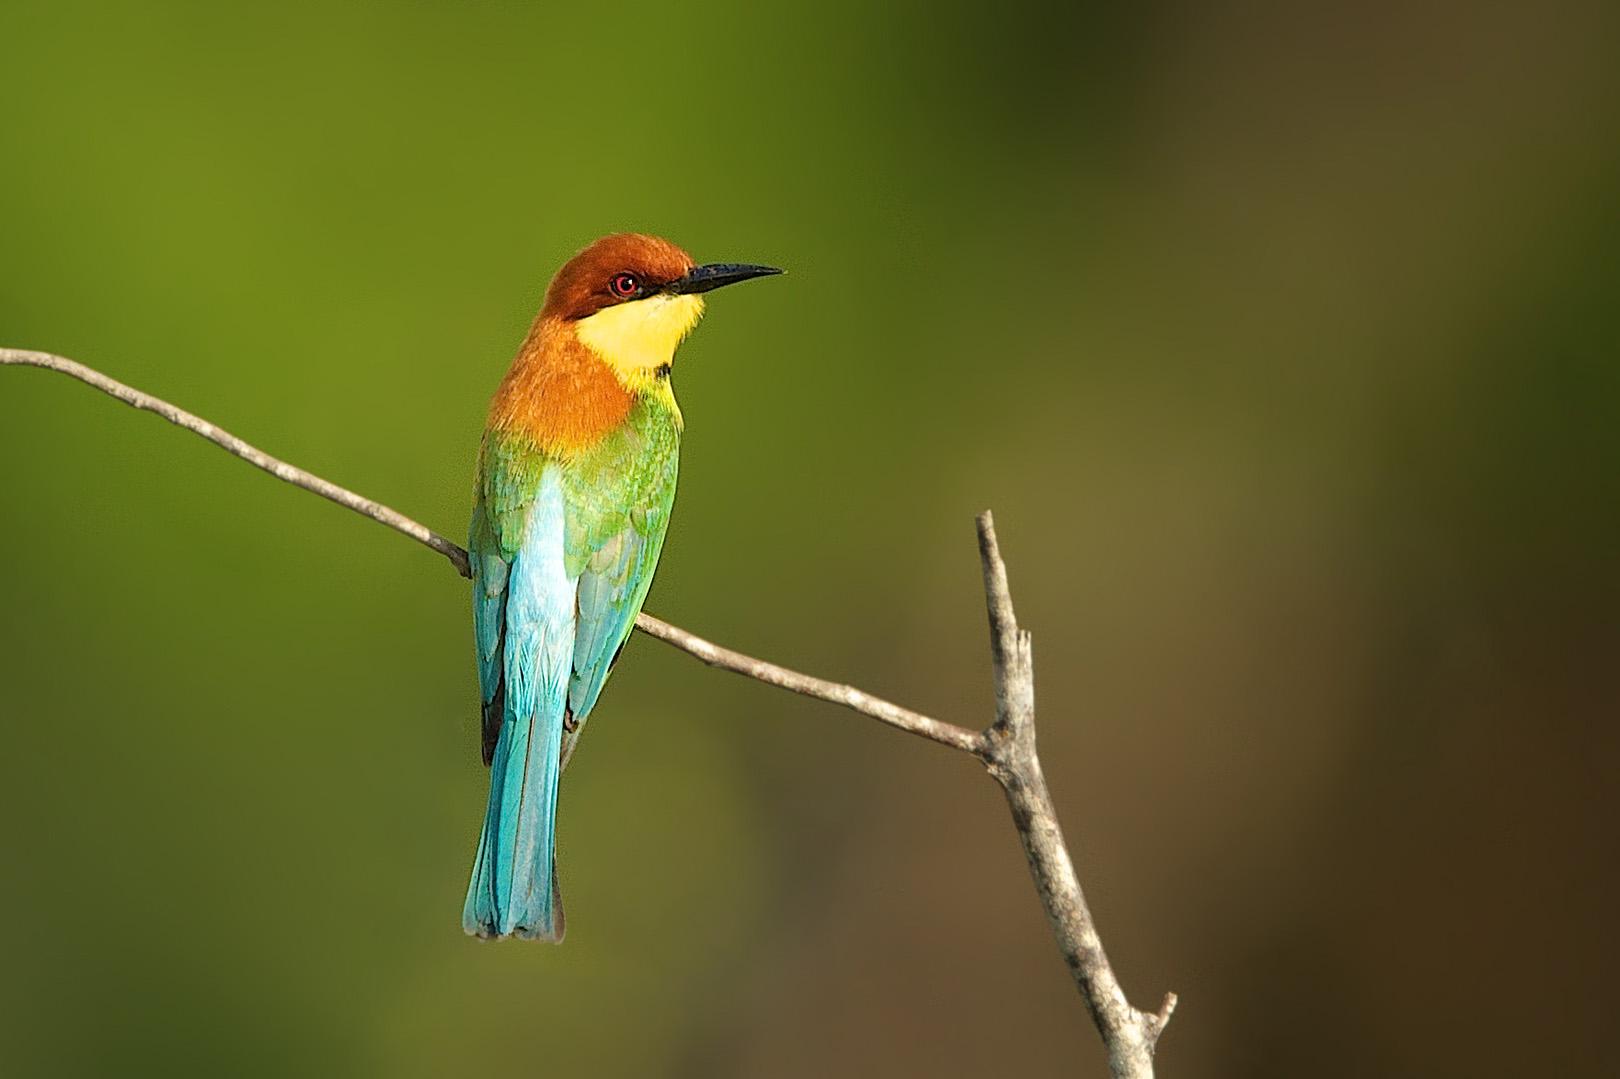 Chestnut-headed Bee-eater – Bruinkopbijeneter – Merops leschenaulti